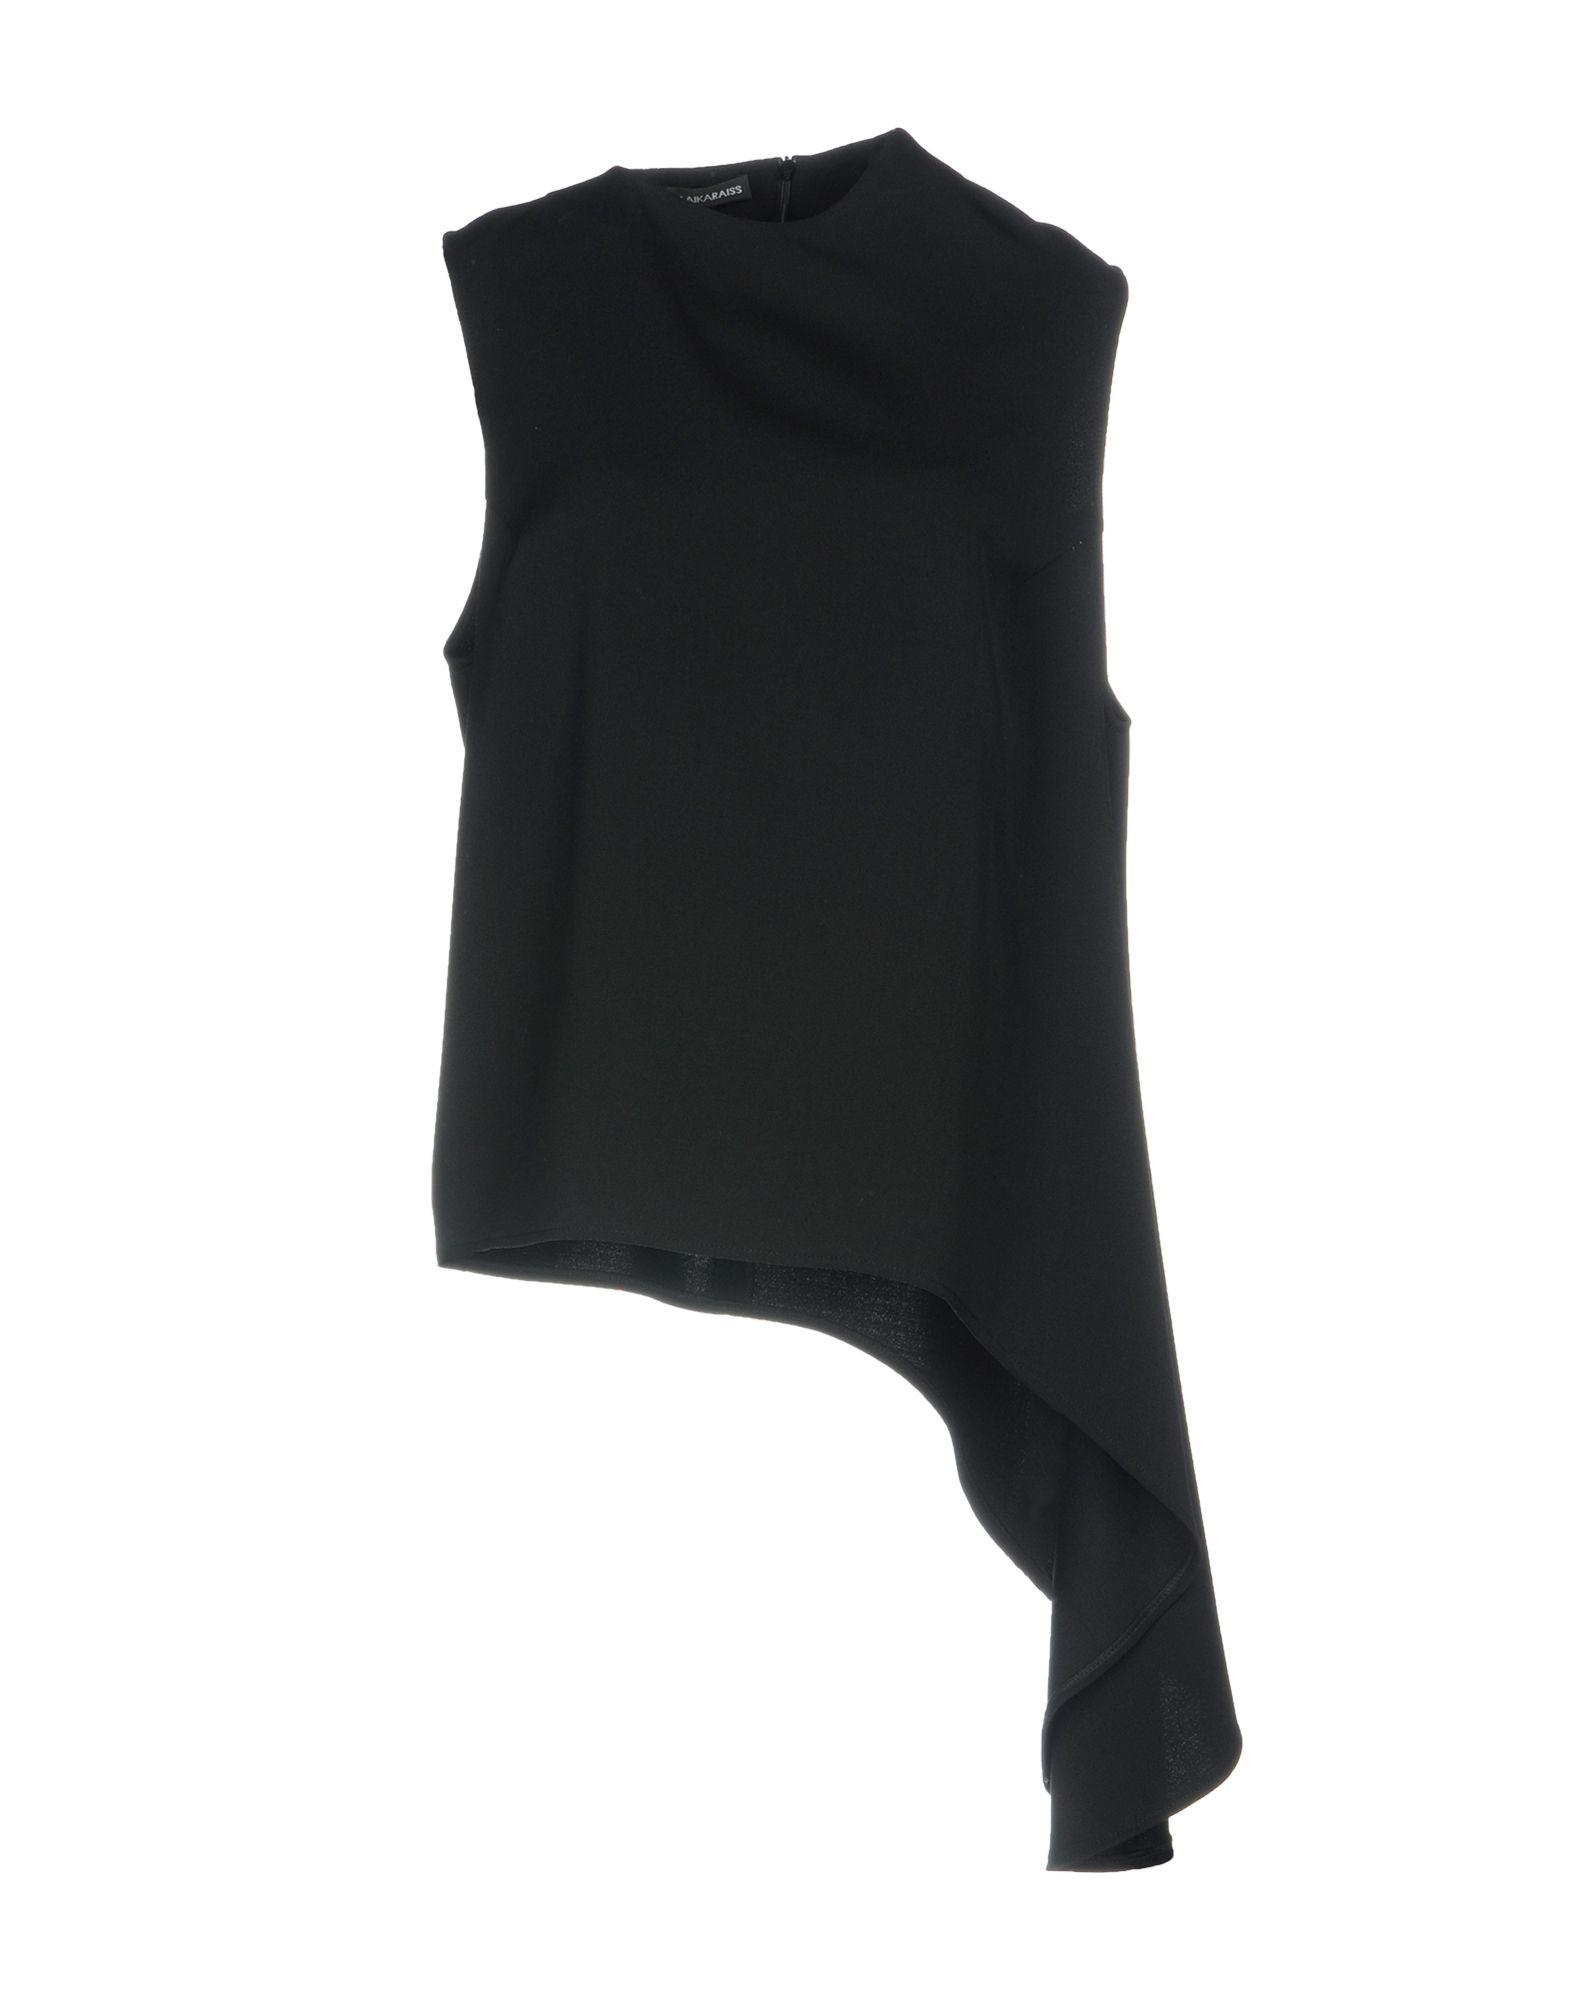 MALAIKA RAISS Top in Black